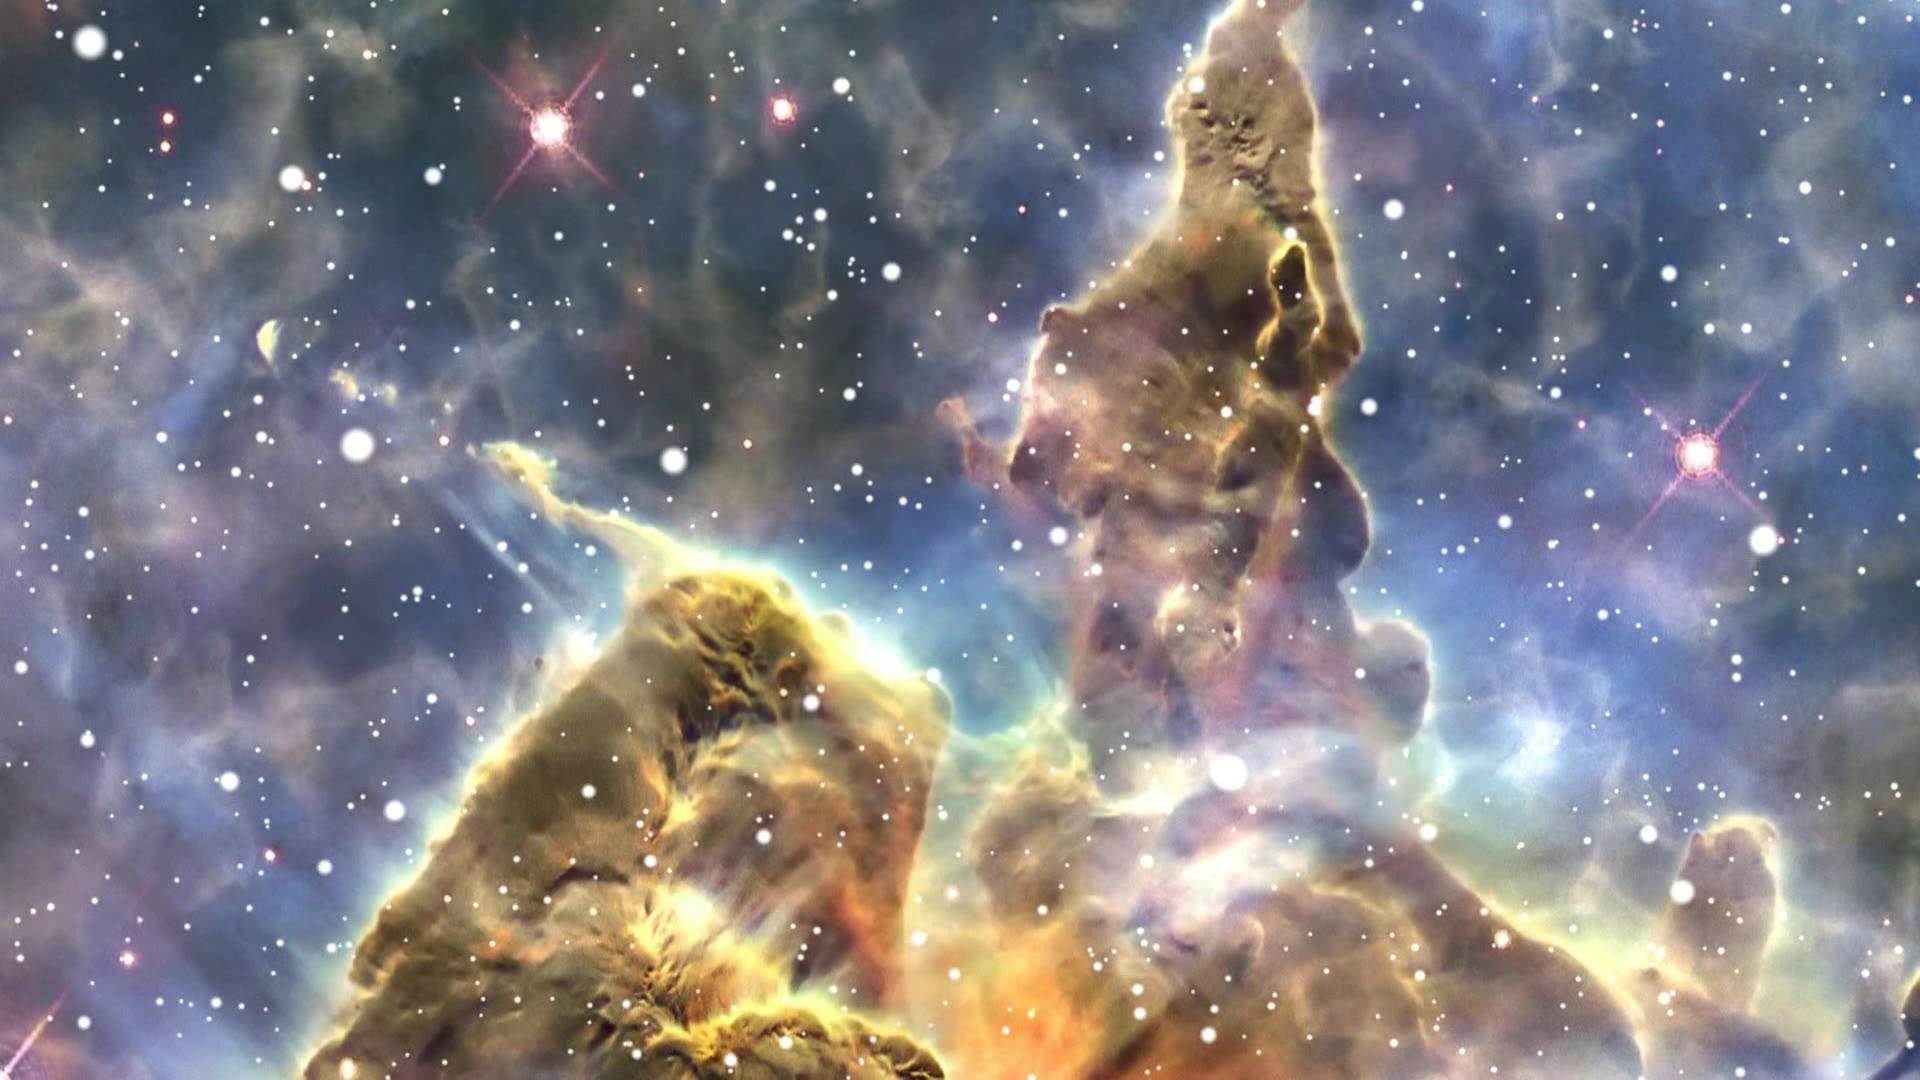 哈勃太空望远镜拍摄泡泡状星云画面.